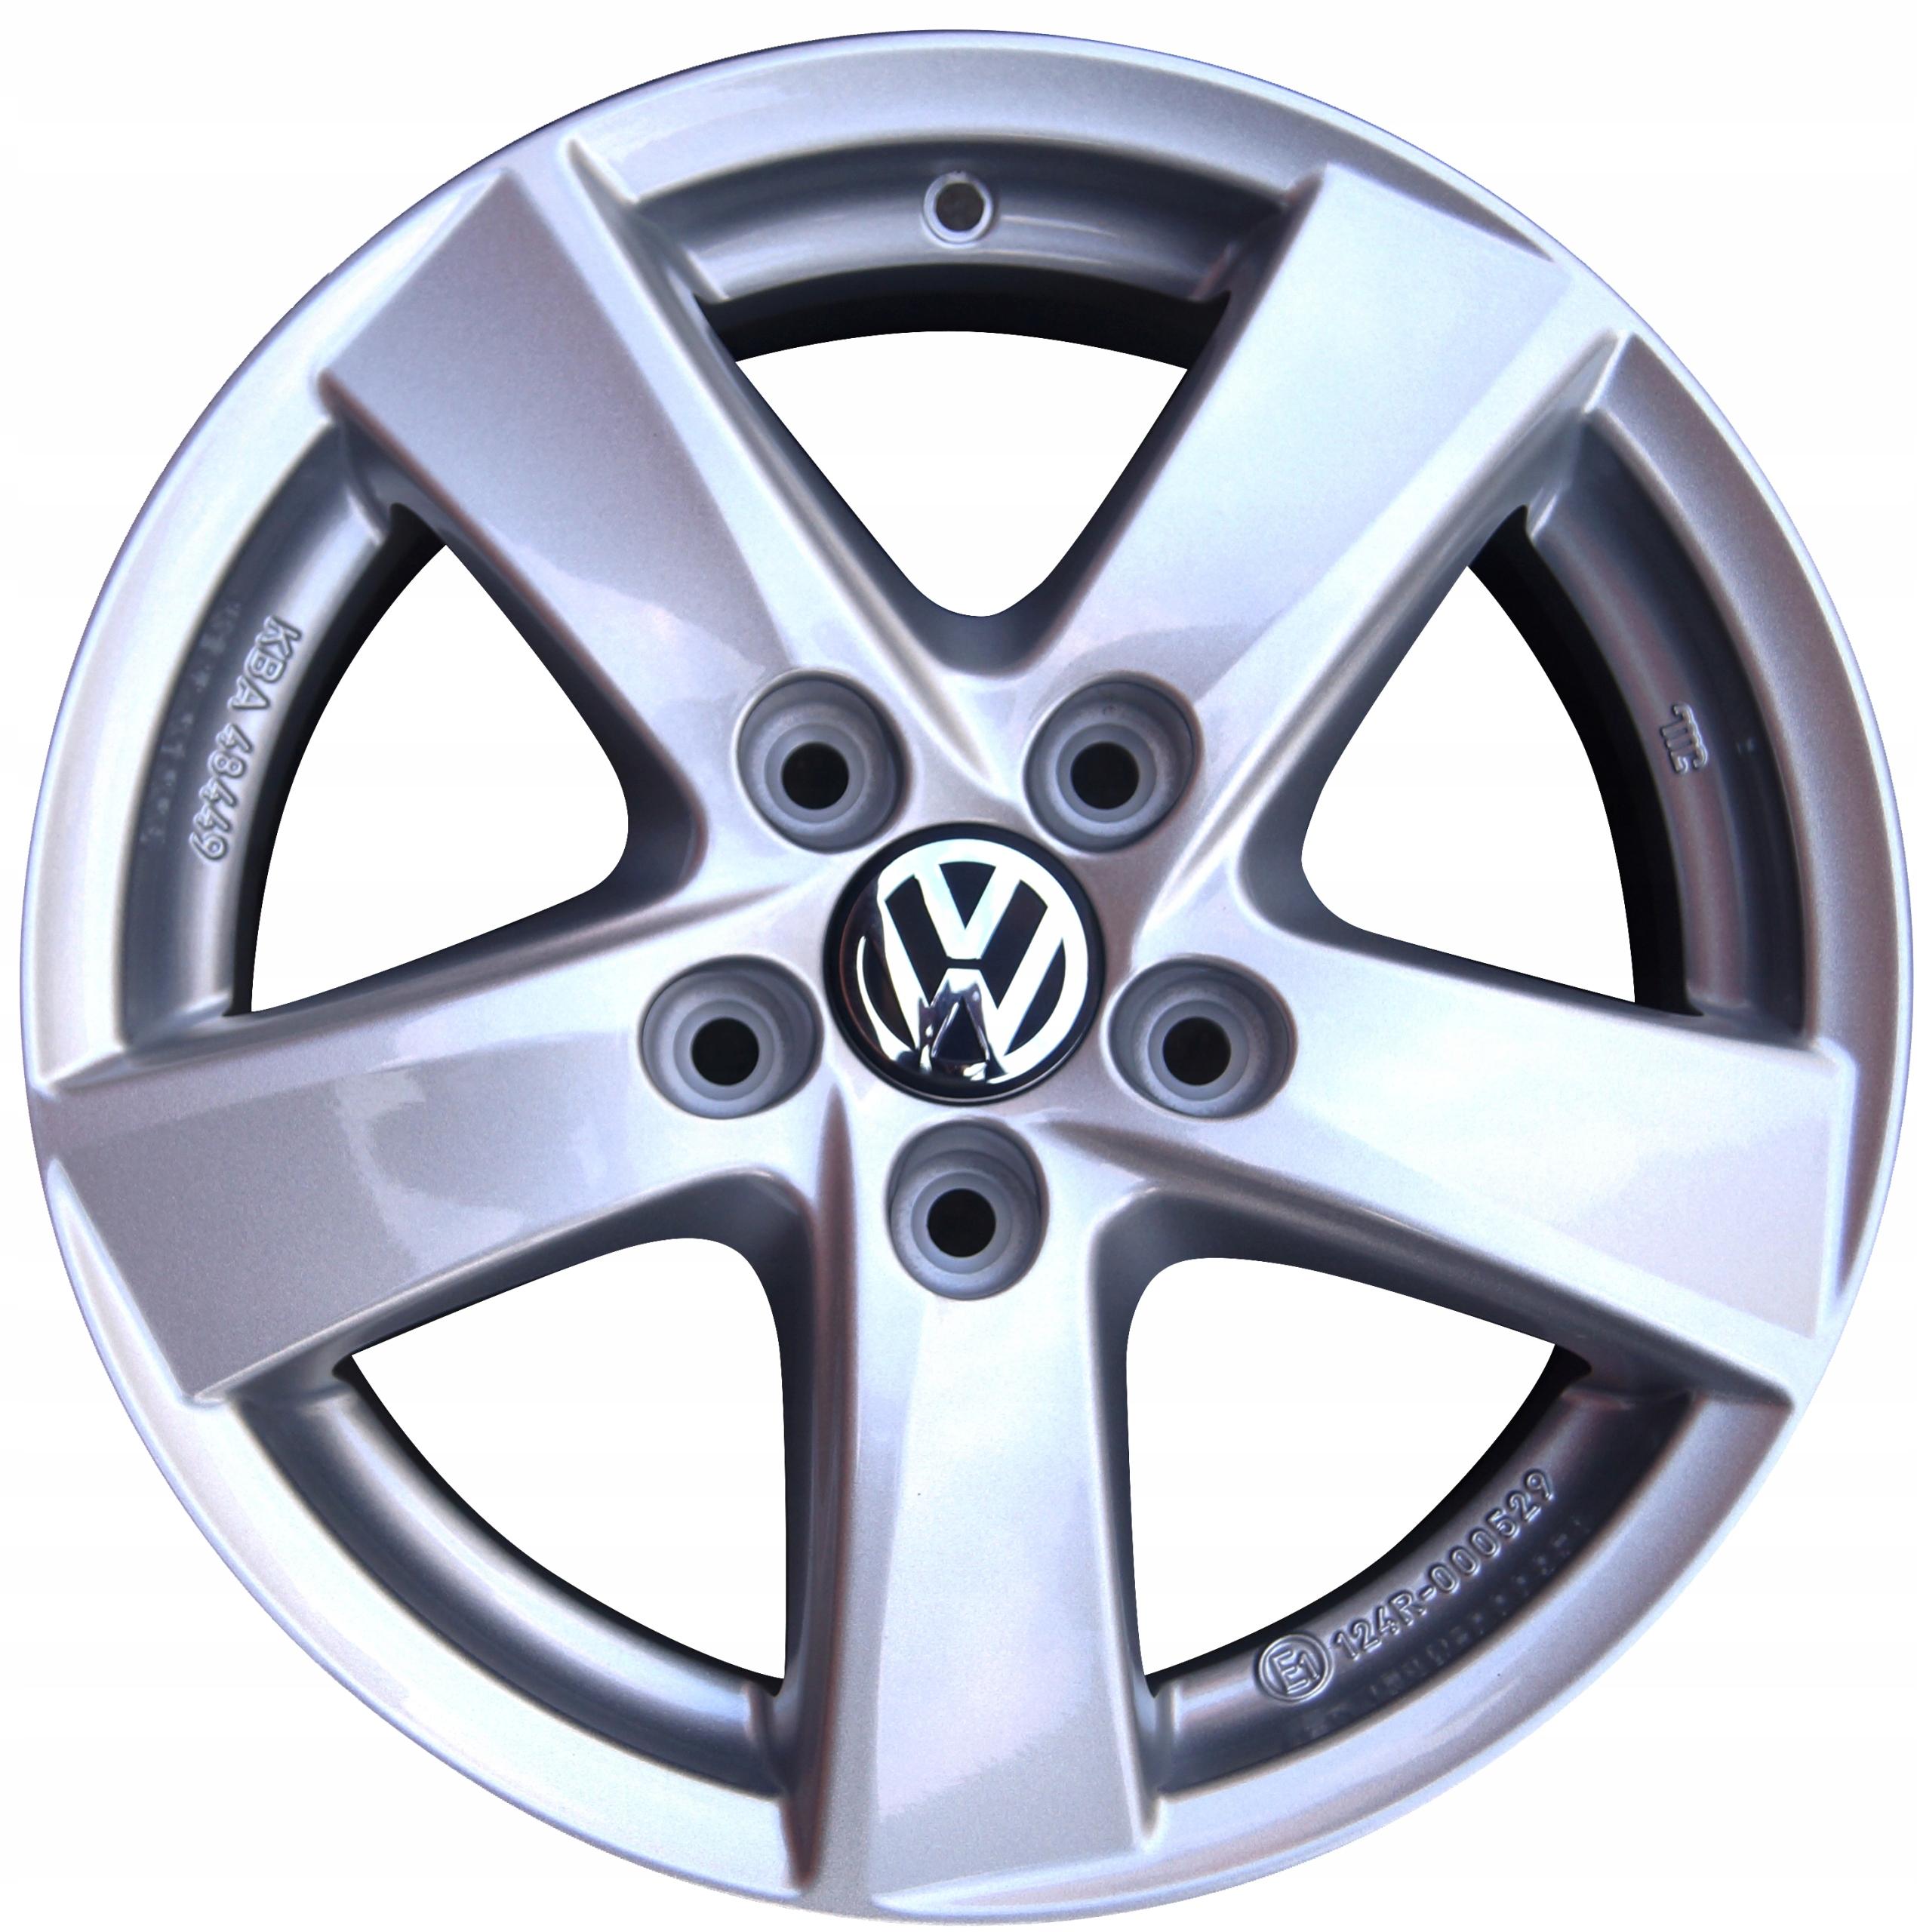 NOWE ДИСКИ 15 5X112 VW TOURAN JETTA CADDY GERMANY